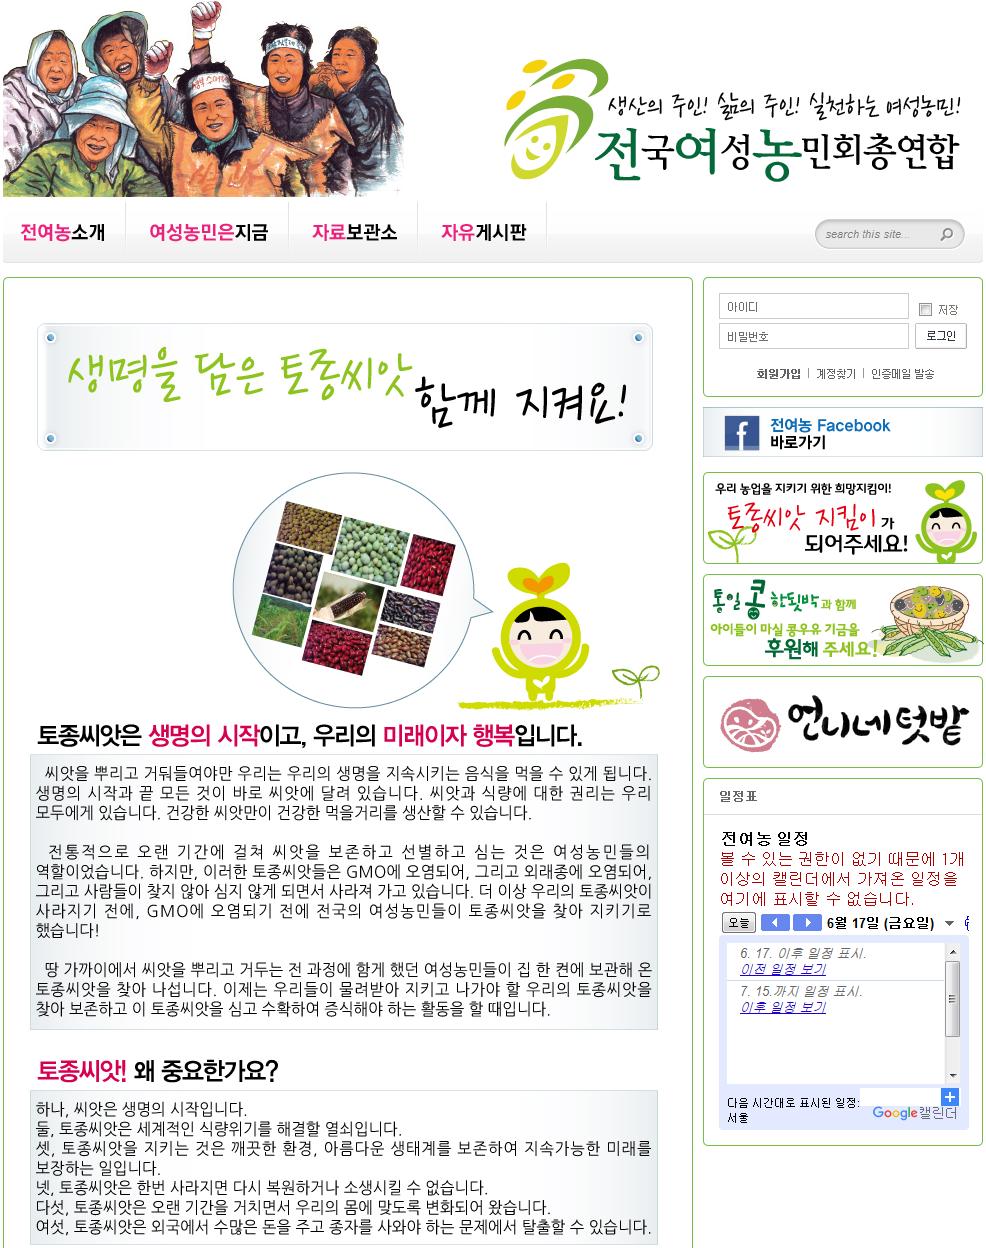 좋은 사이트 소개: 우리 토종 씨앗 지킴이 - 전국여성농민총연합회 (전여농)